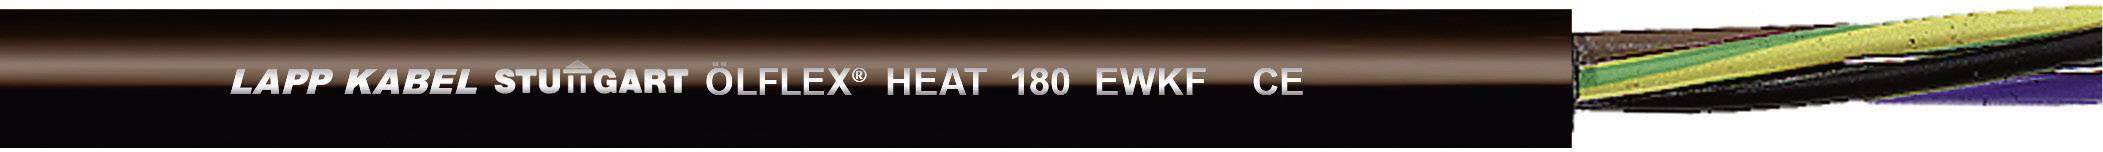 Vysokoteplotný kábel LappKabel ÖLFLEX® HEAT 180 EWKF 0046512, 3 x 1.50 mm², vonkajší Ø 8.50 mm, 500 V, metrový tovar, čierna